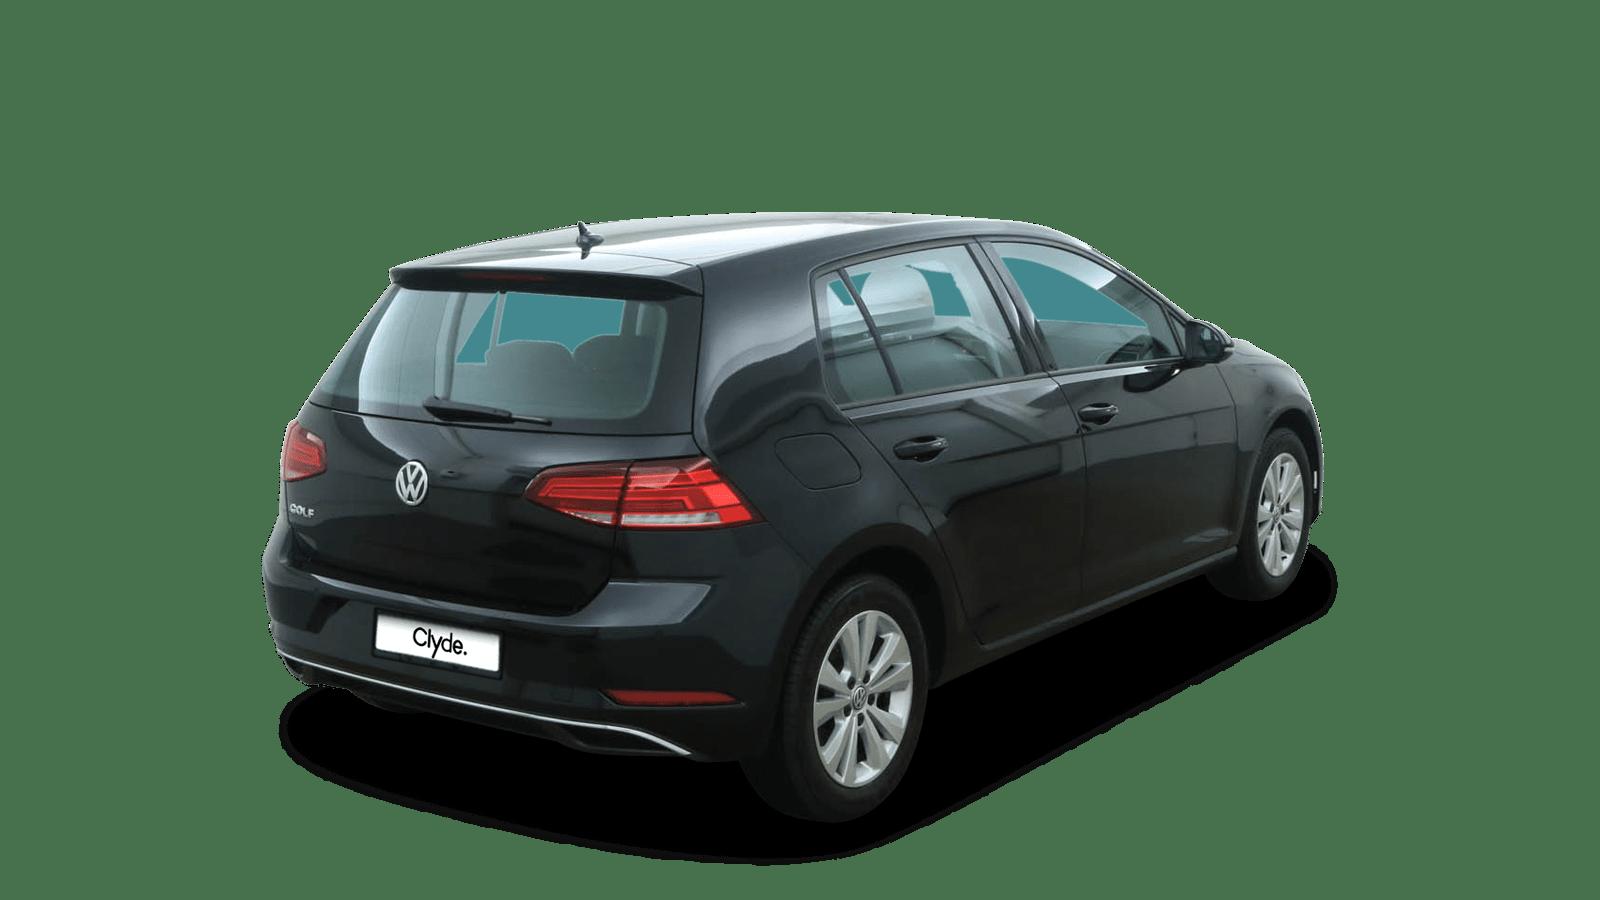 VW Golf Schwarz rückansicht - Clyde Auto-Abo